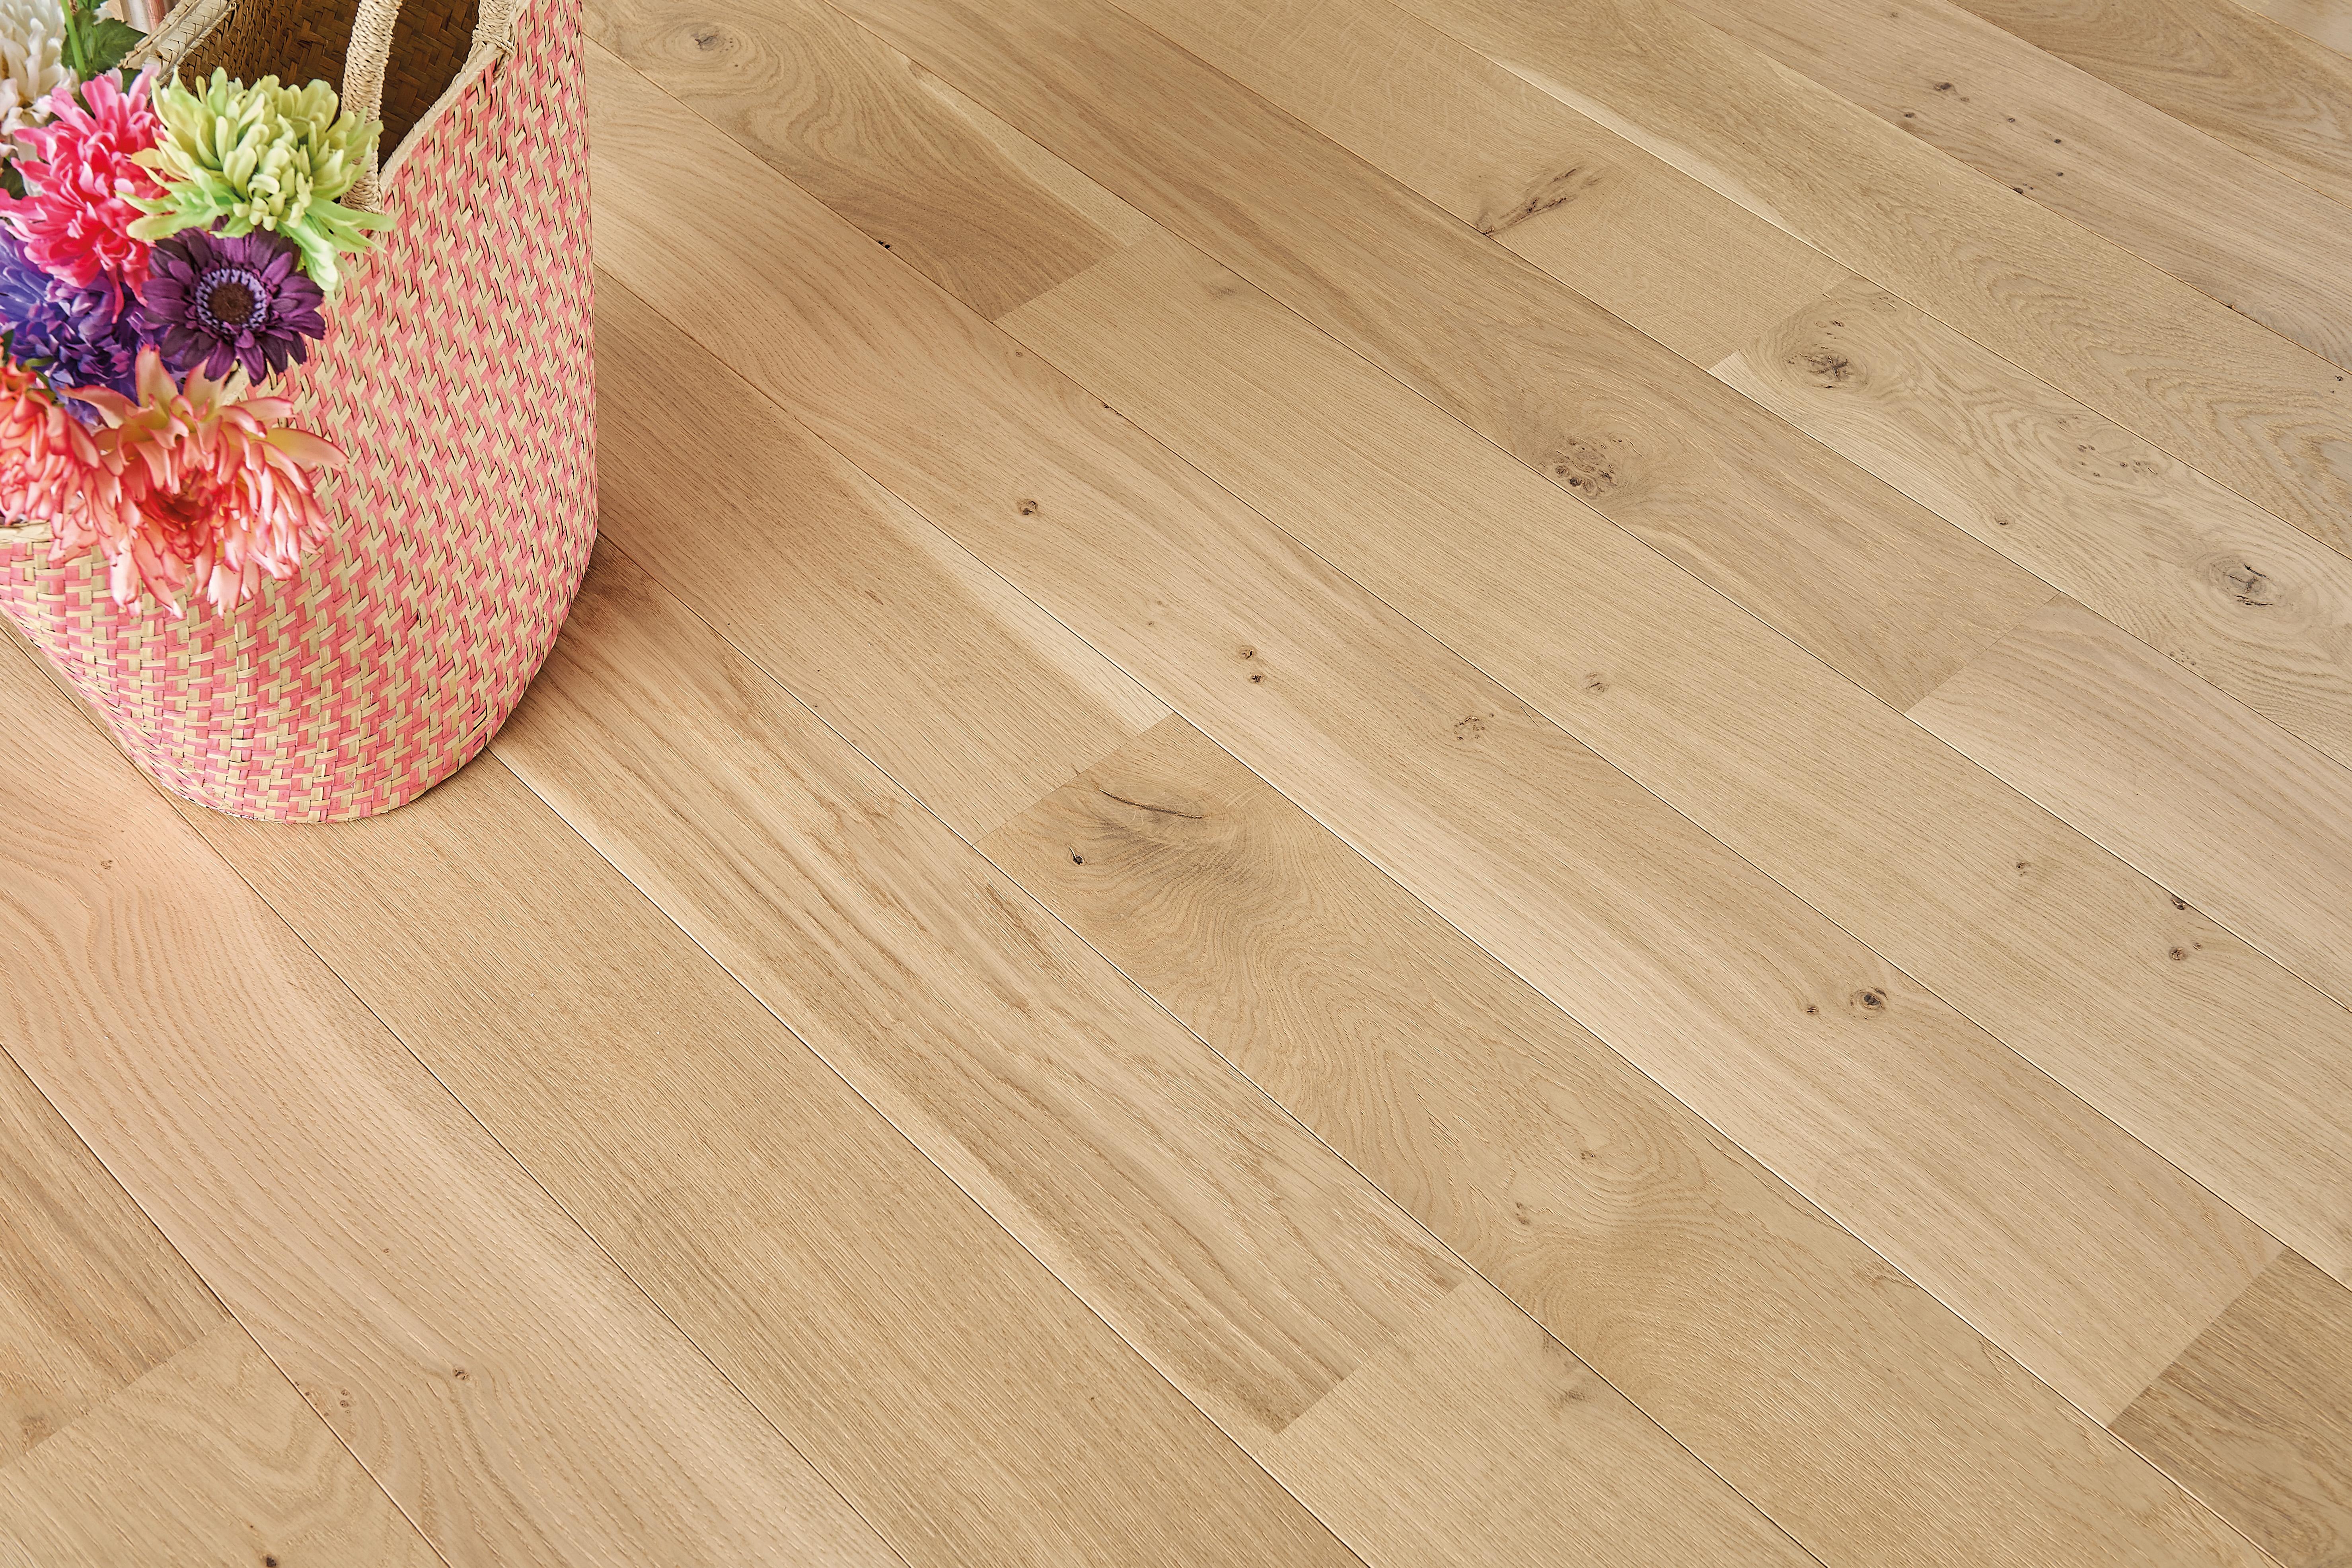 floor french oak mix bois flott 139 plank. Black Bedroom Furniture Sets. Home Design Ideas